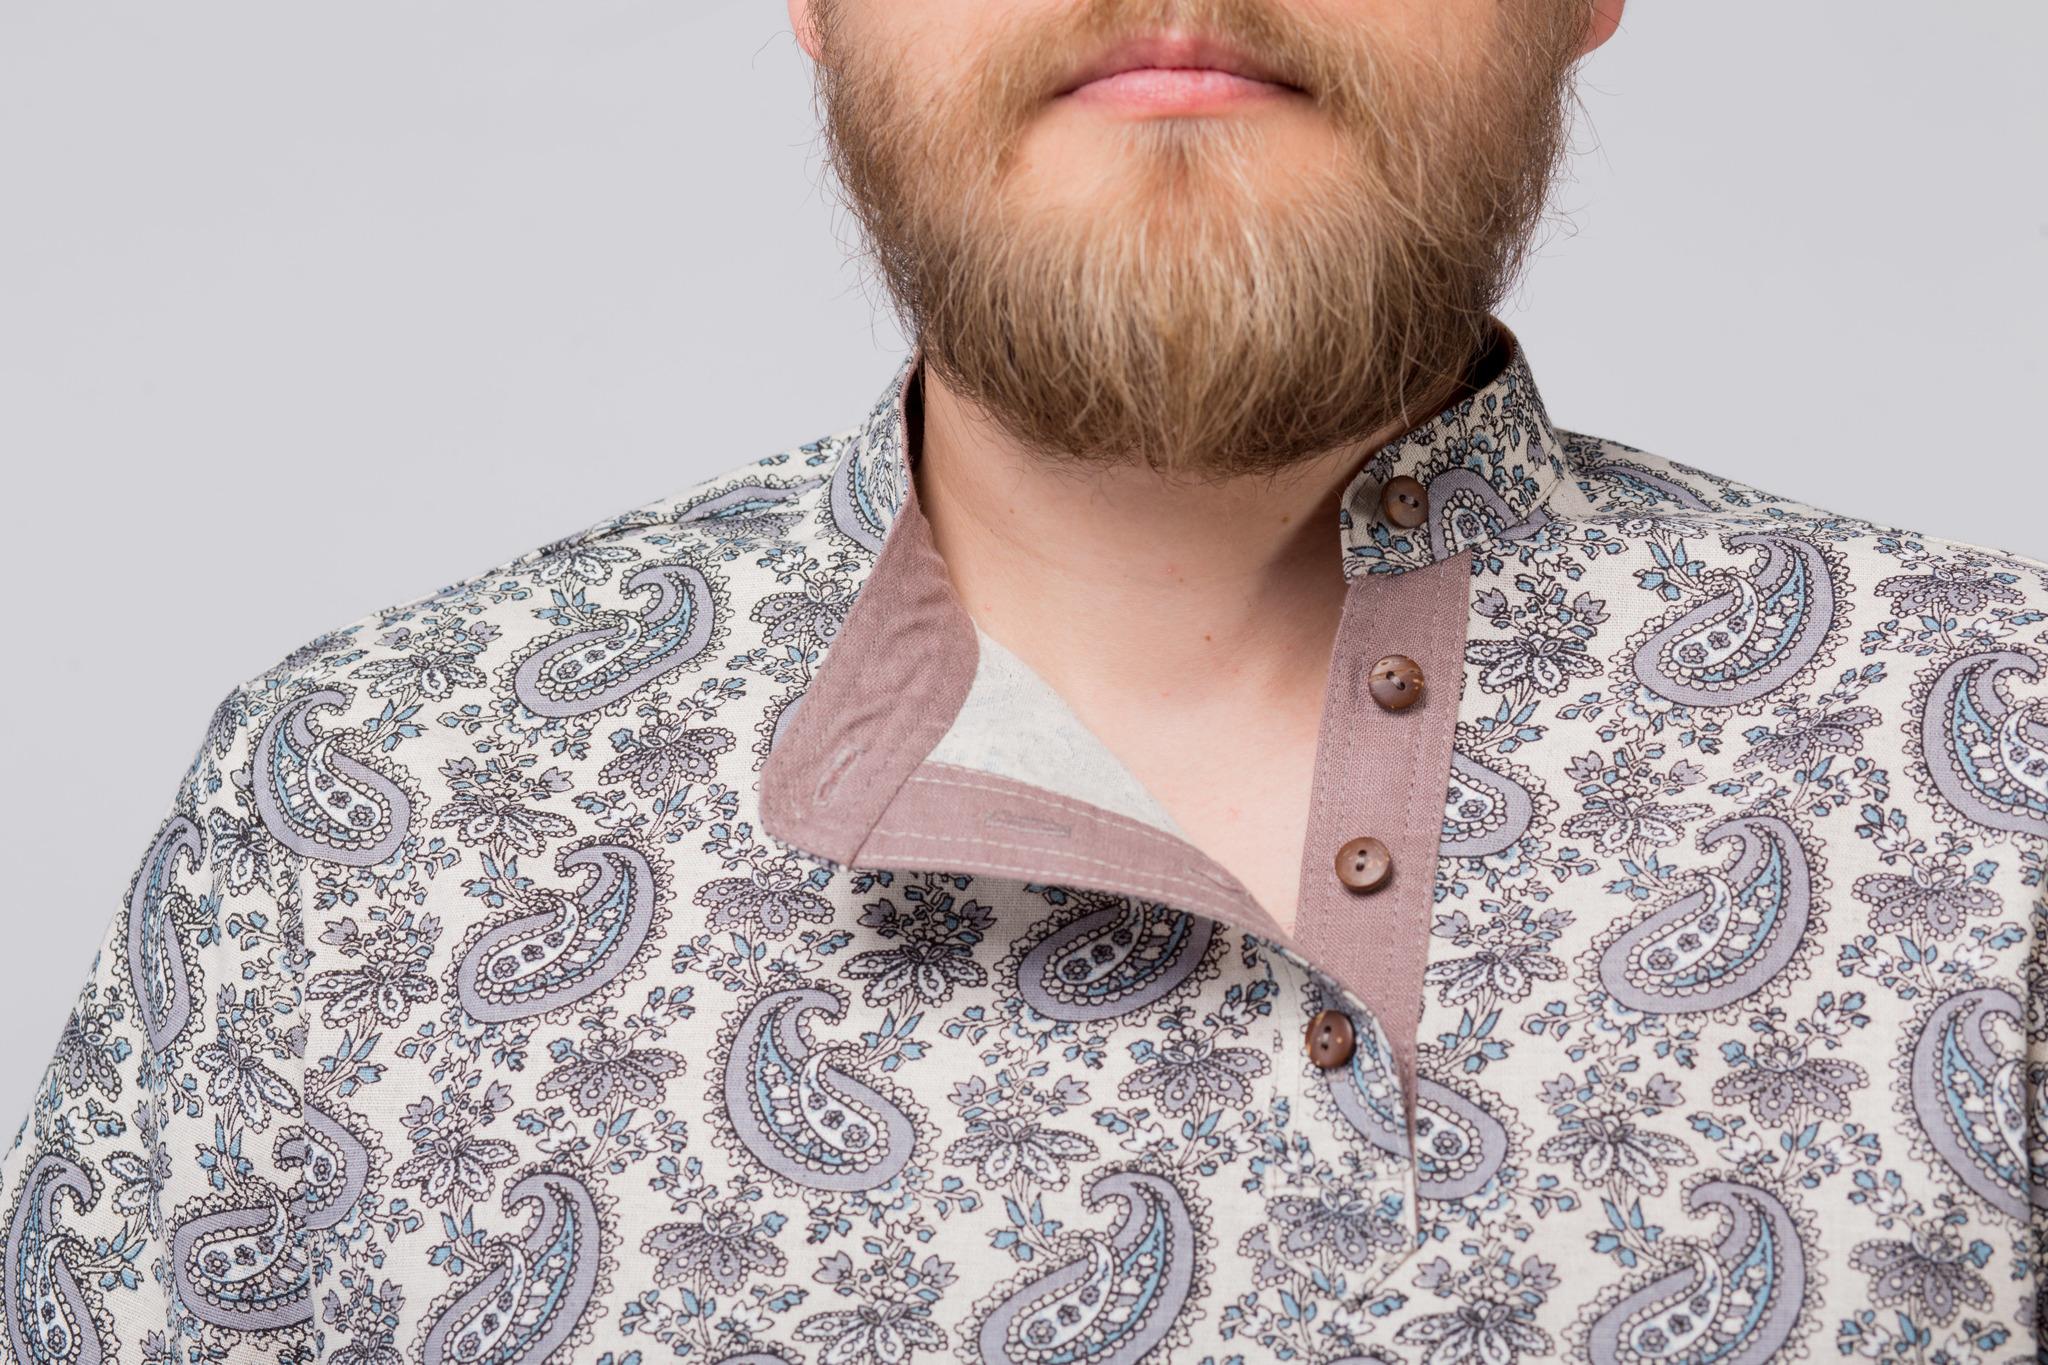 Рубашка льняная Огурцы приближенный фрагмент